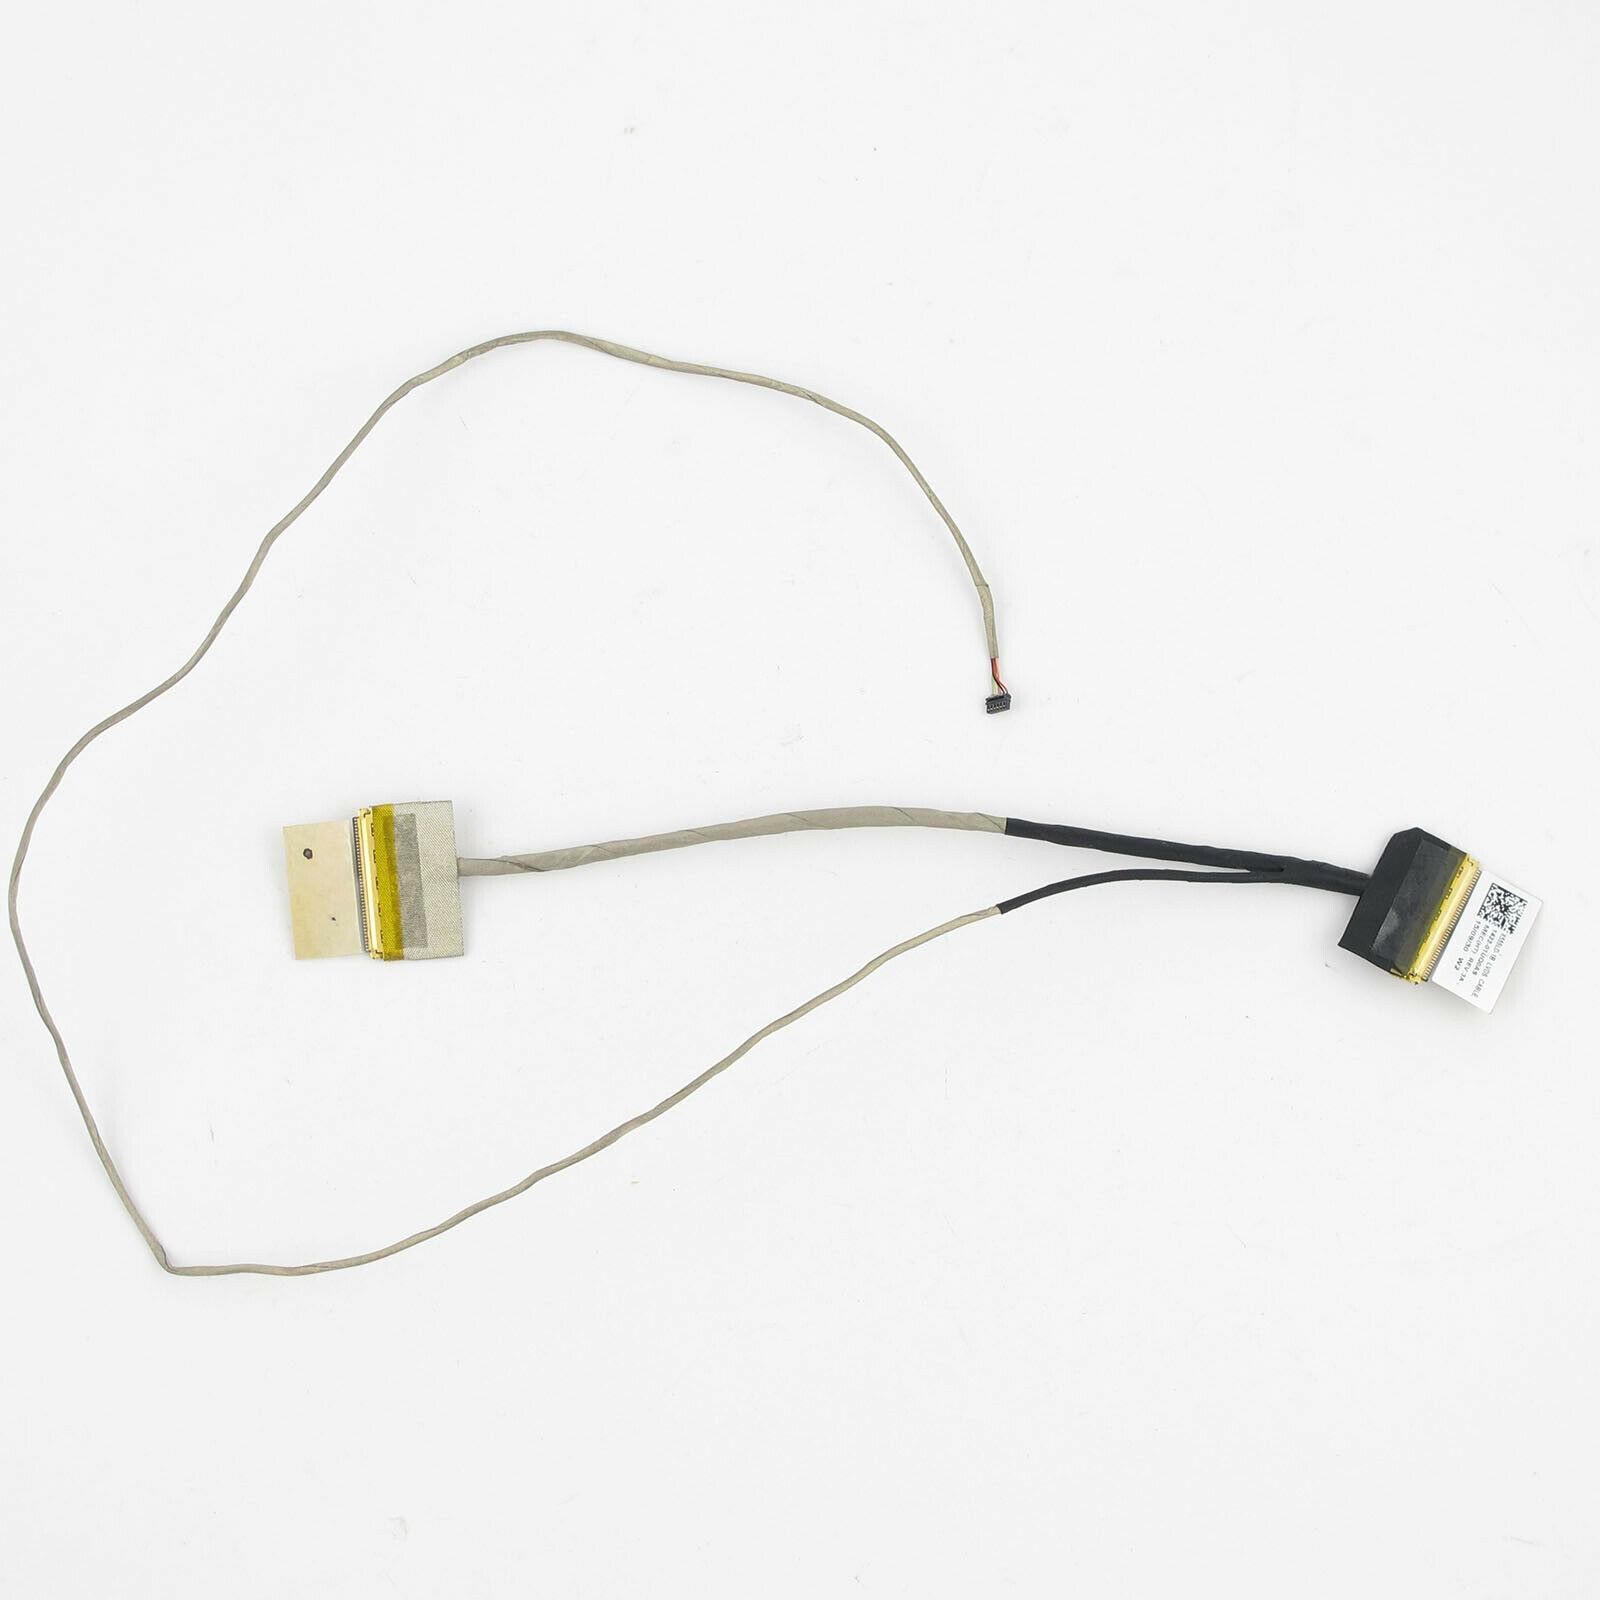 Новый ЖК LVDS видео кабель для Asus W509L DX992 K555 A555 F555 A555L F555L K555L 40pin 1422-01UQ0AS 1422-01UN0AS дисплей кабель